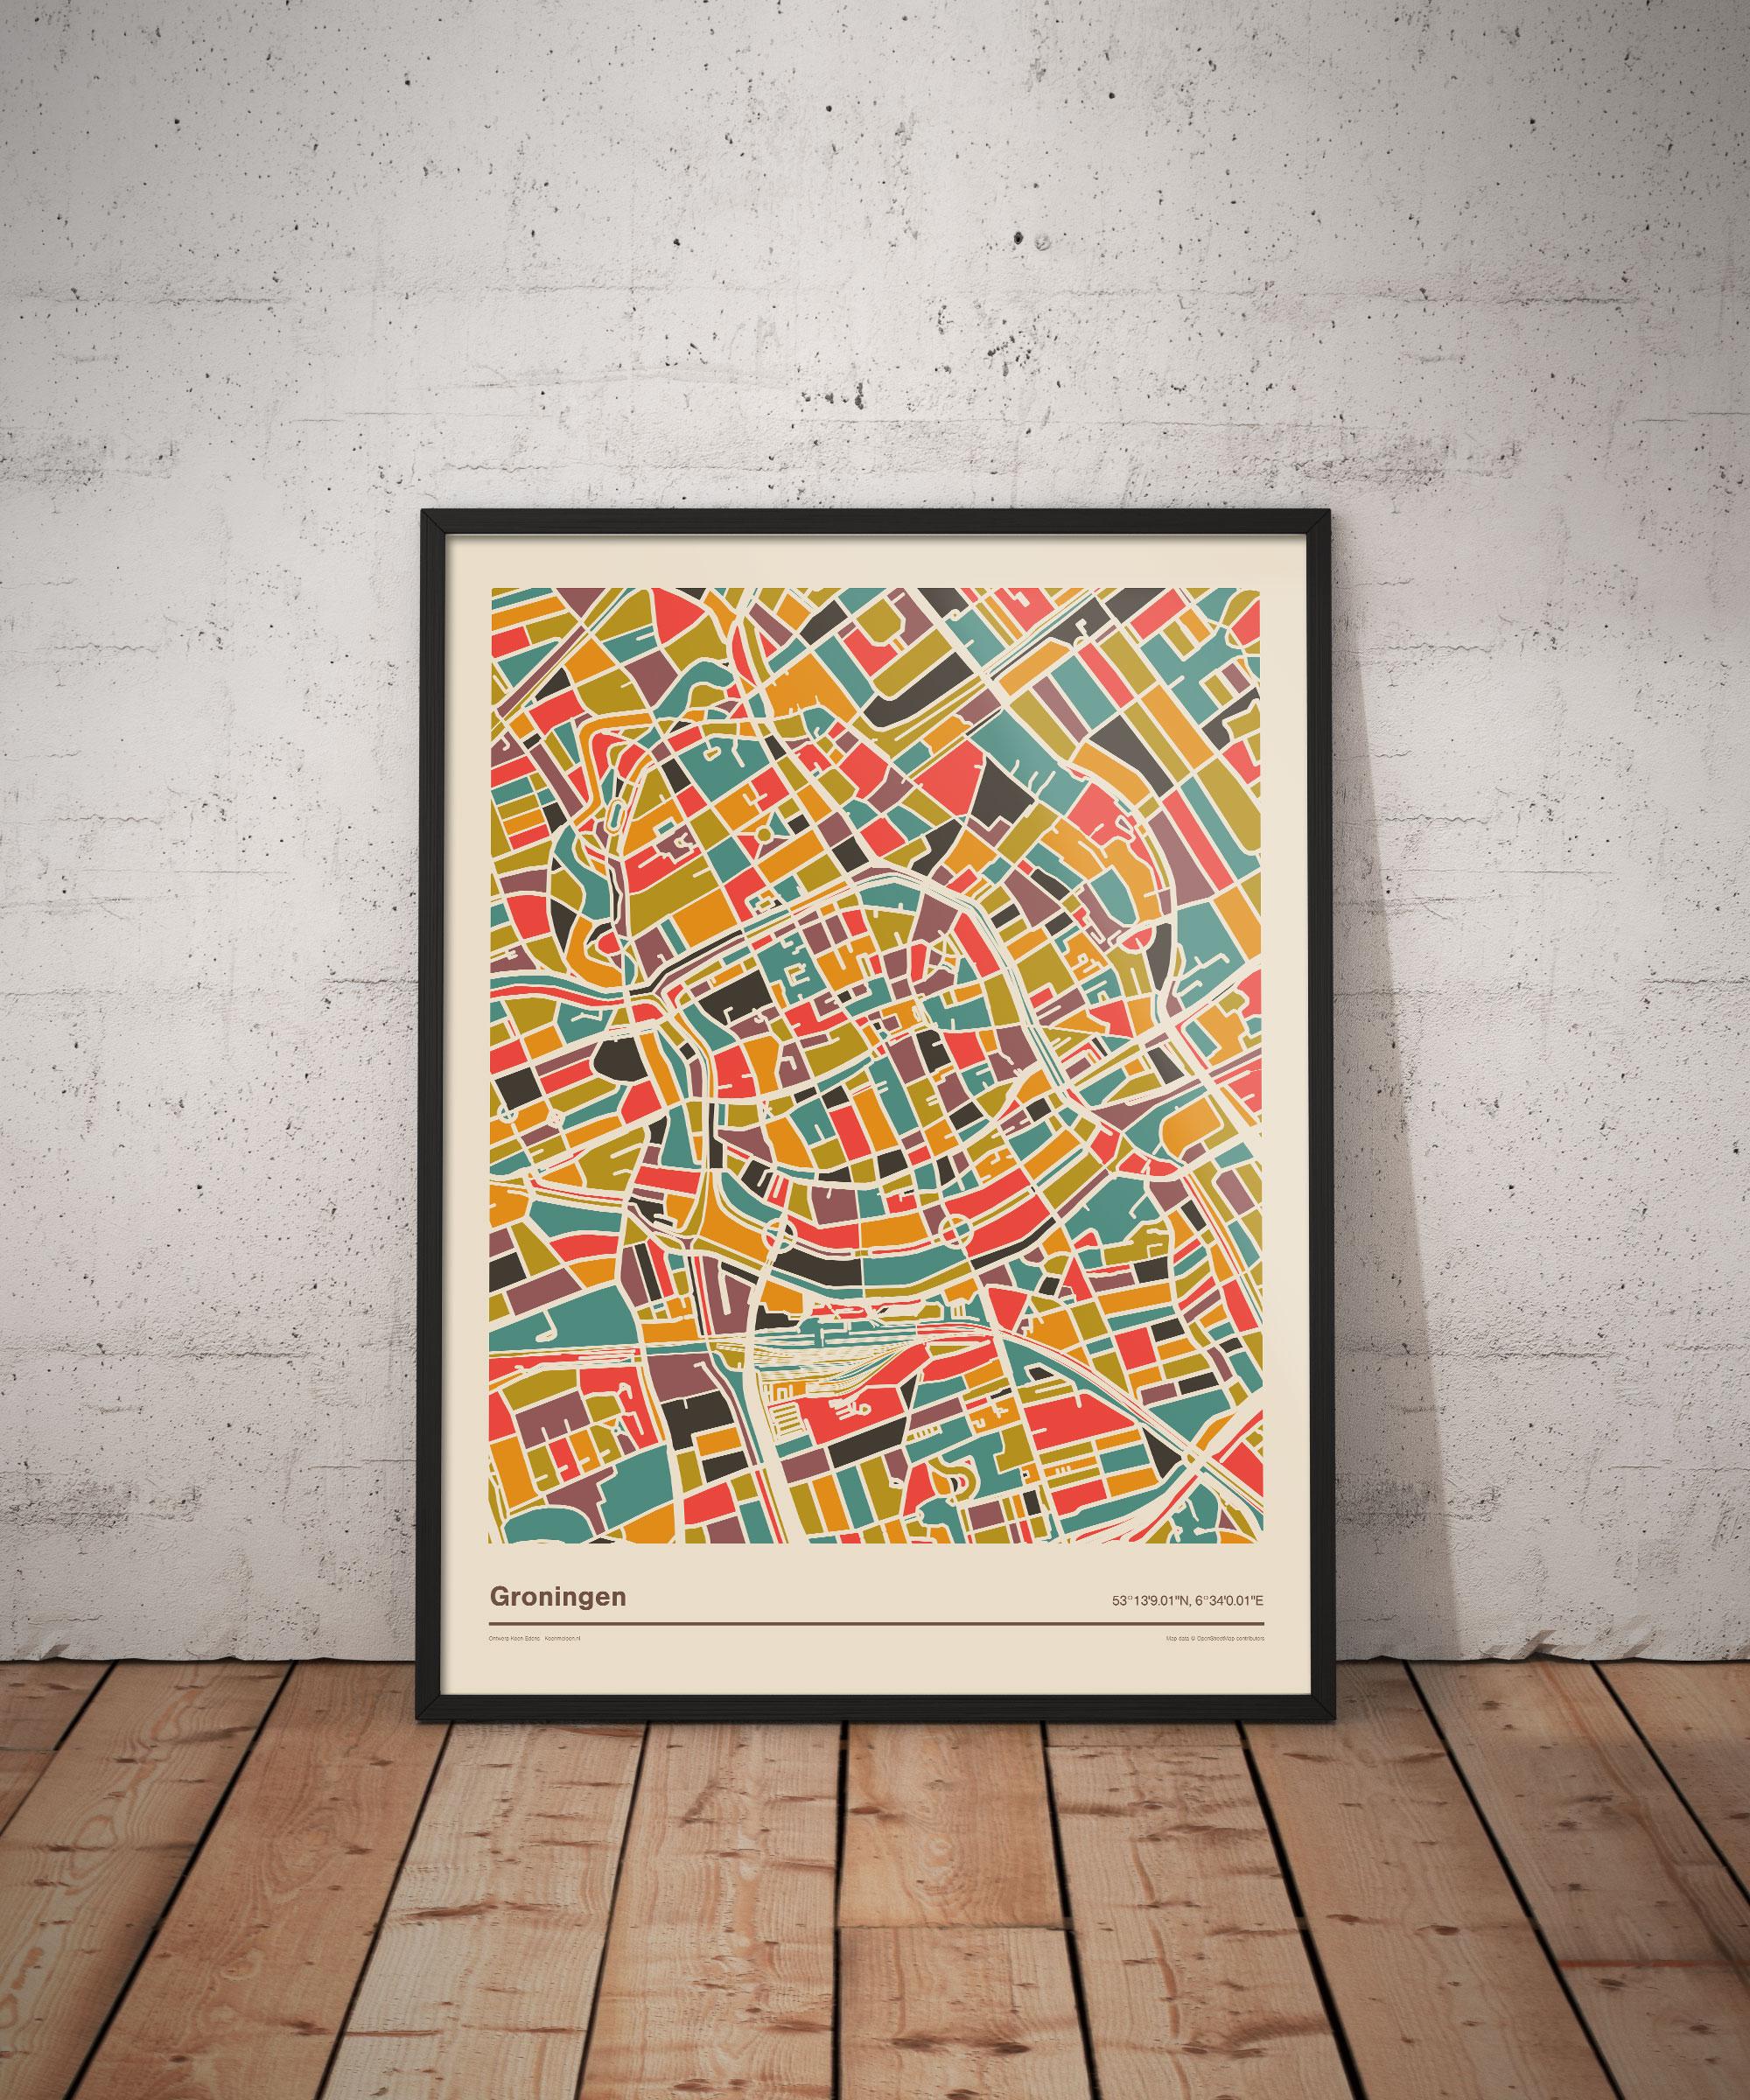 Groningen-mozaiek-poster-retro-warme-kleuren-vloer koenmeloen